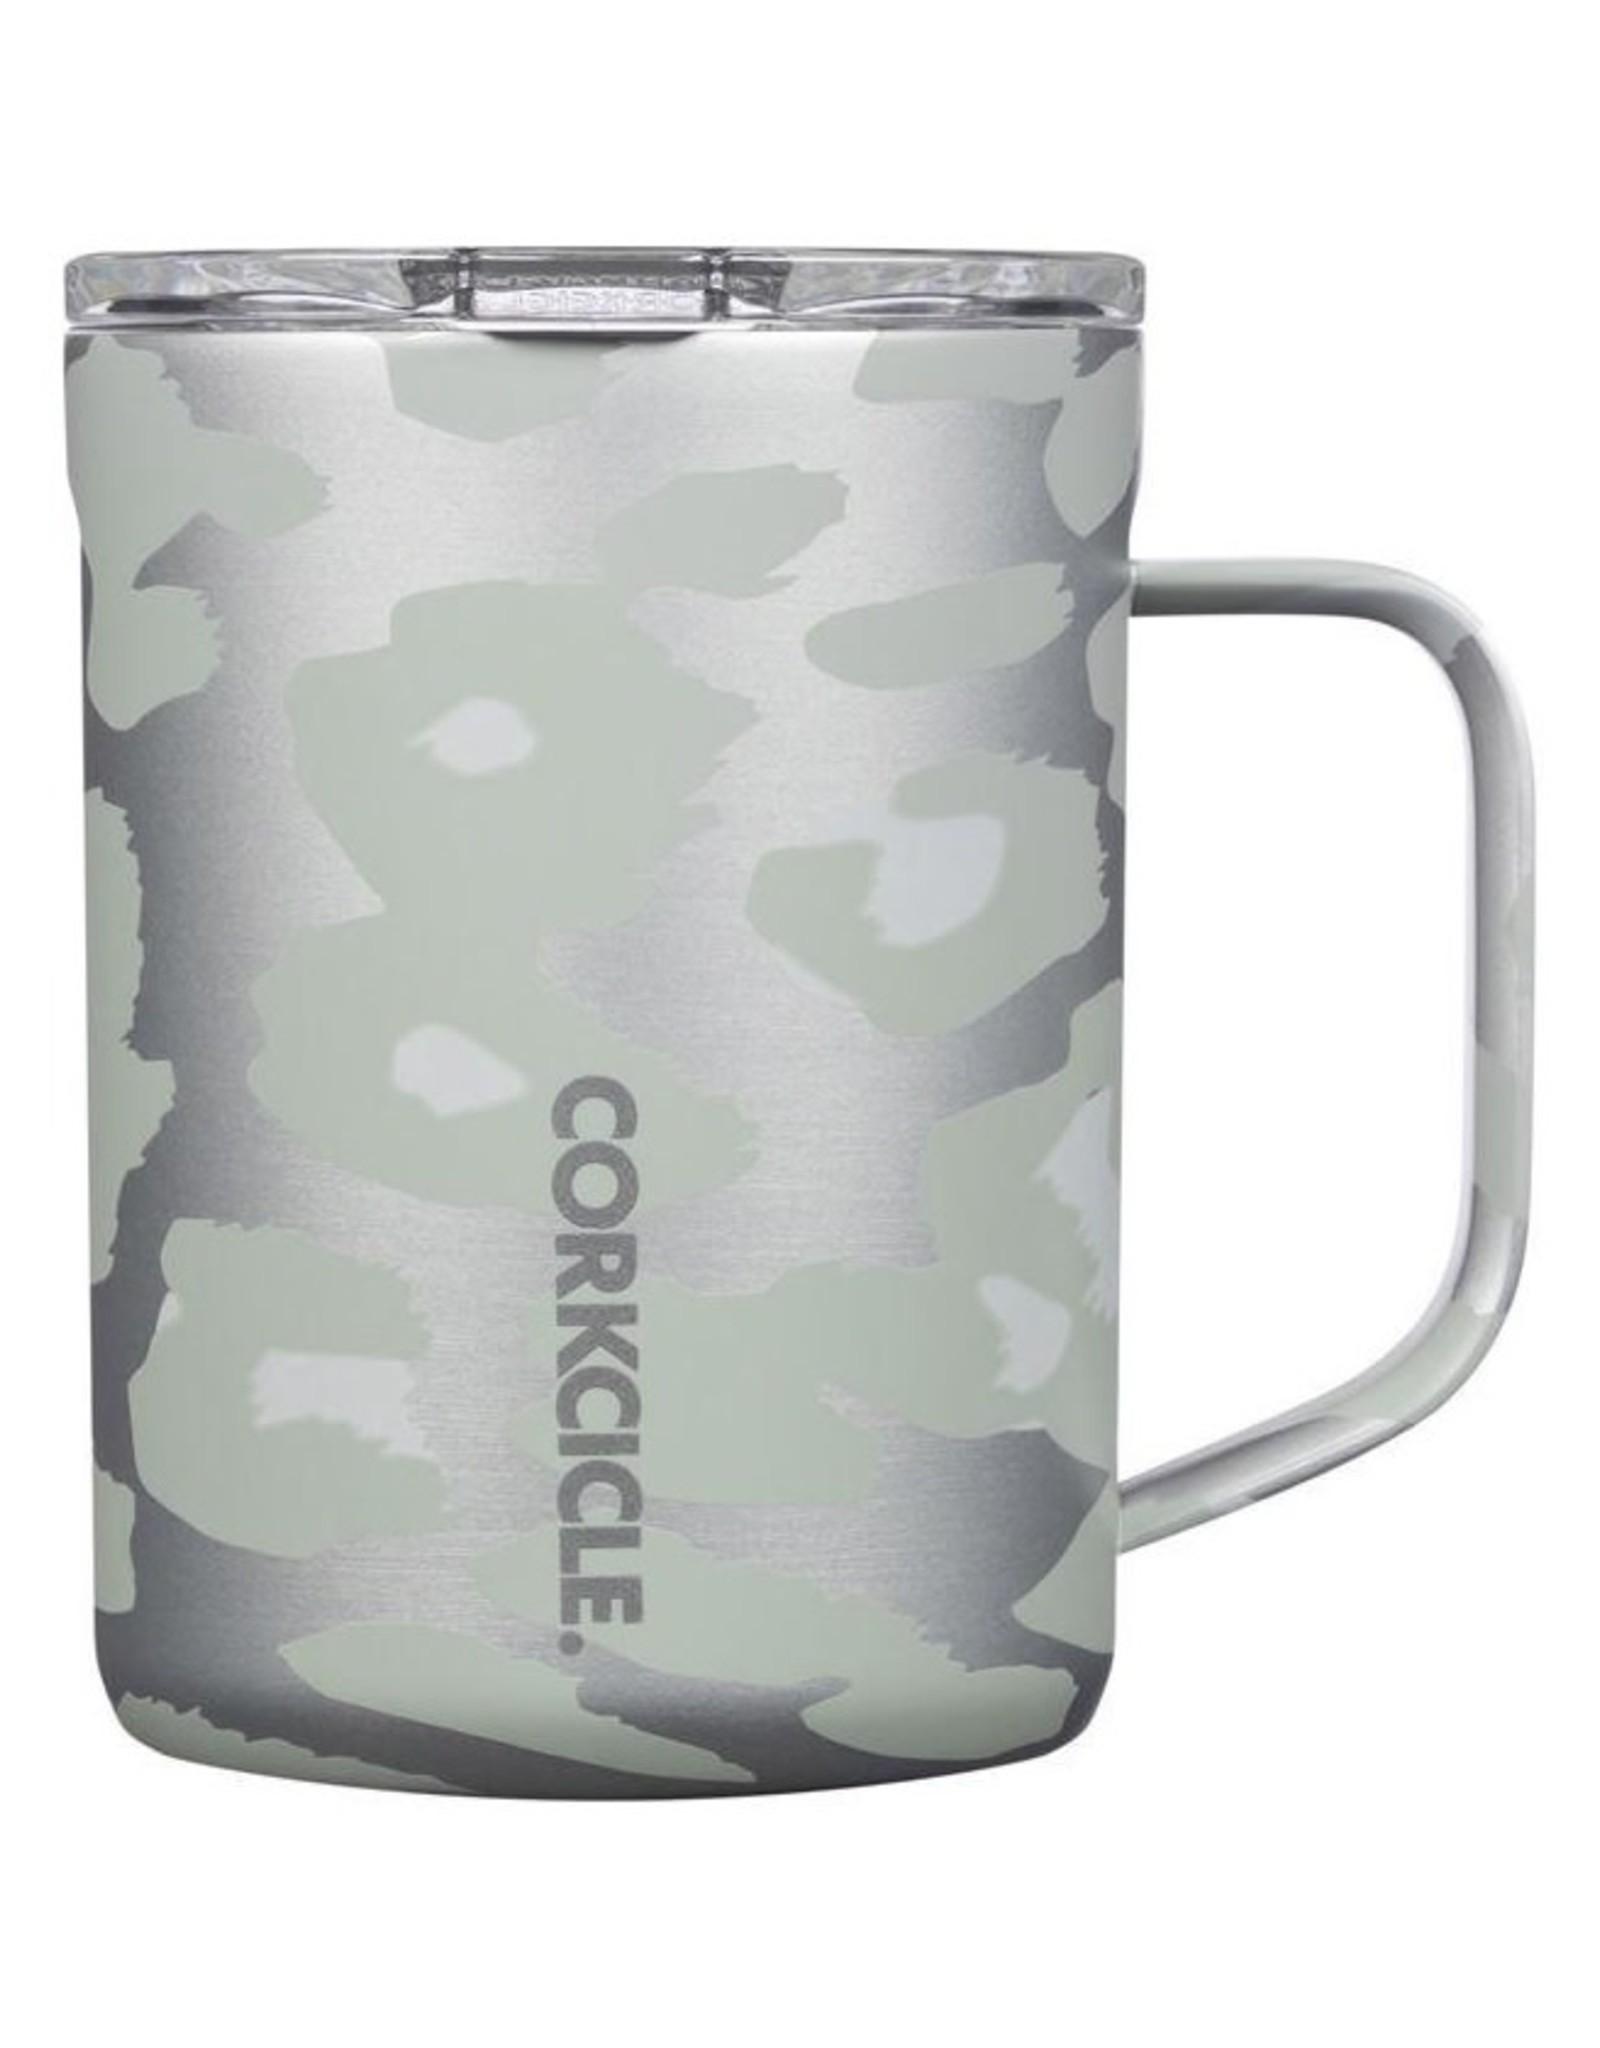 Corkcicle Corkcicle 16oz Mug